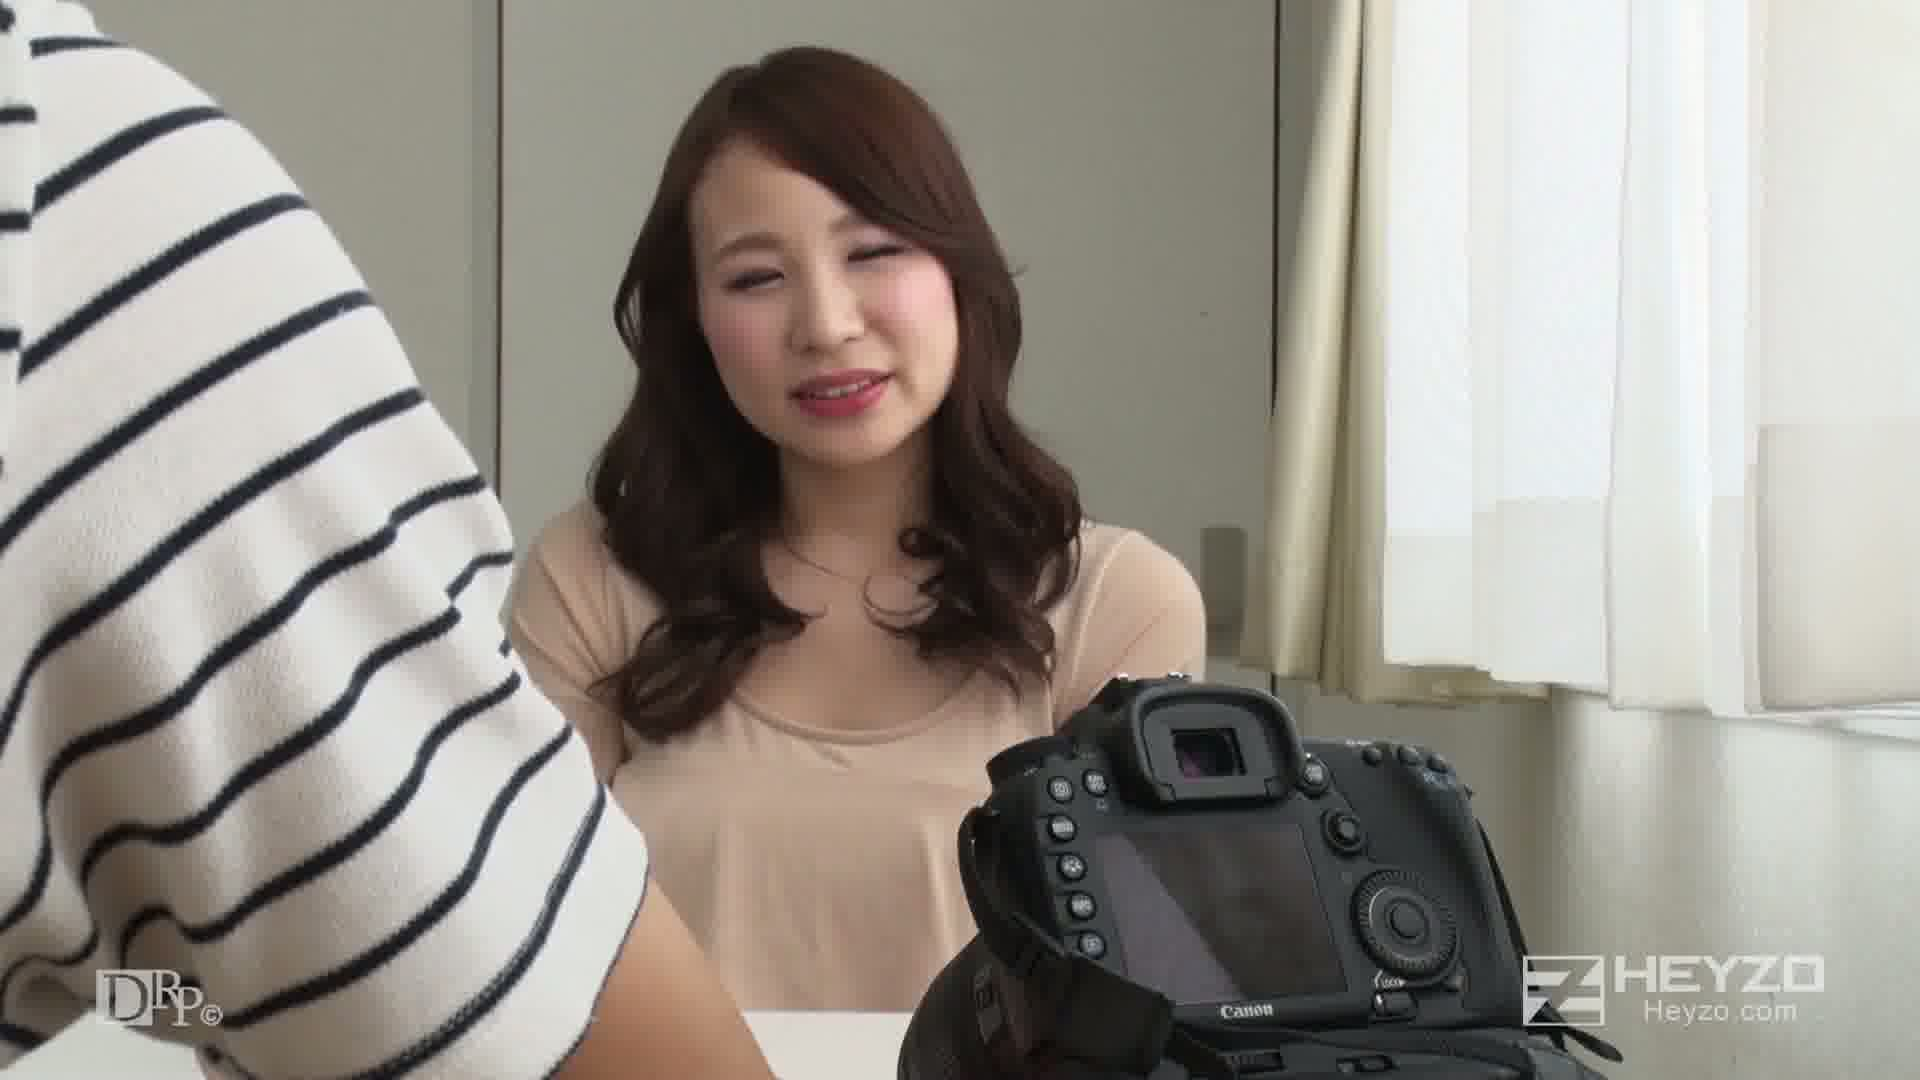 即撮影!AV面接 前編 - 鳥谷優香【インタビュー 脱衣 撮影】